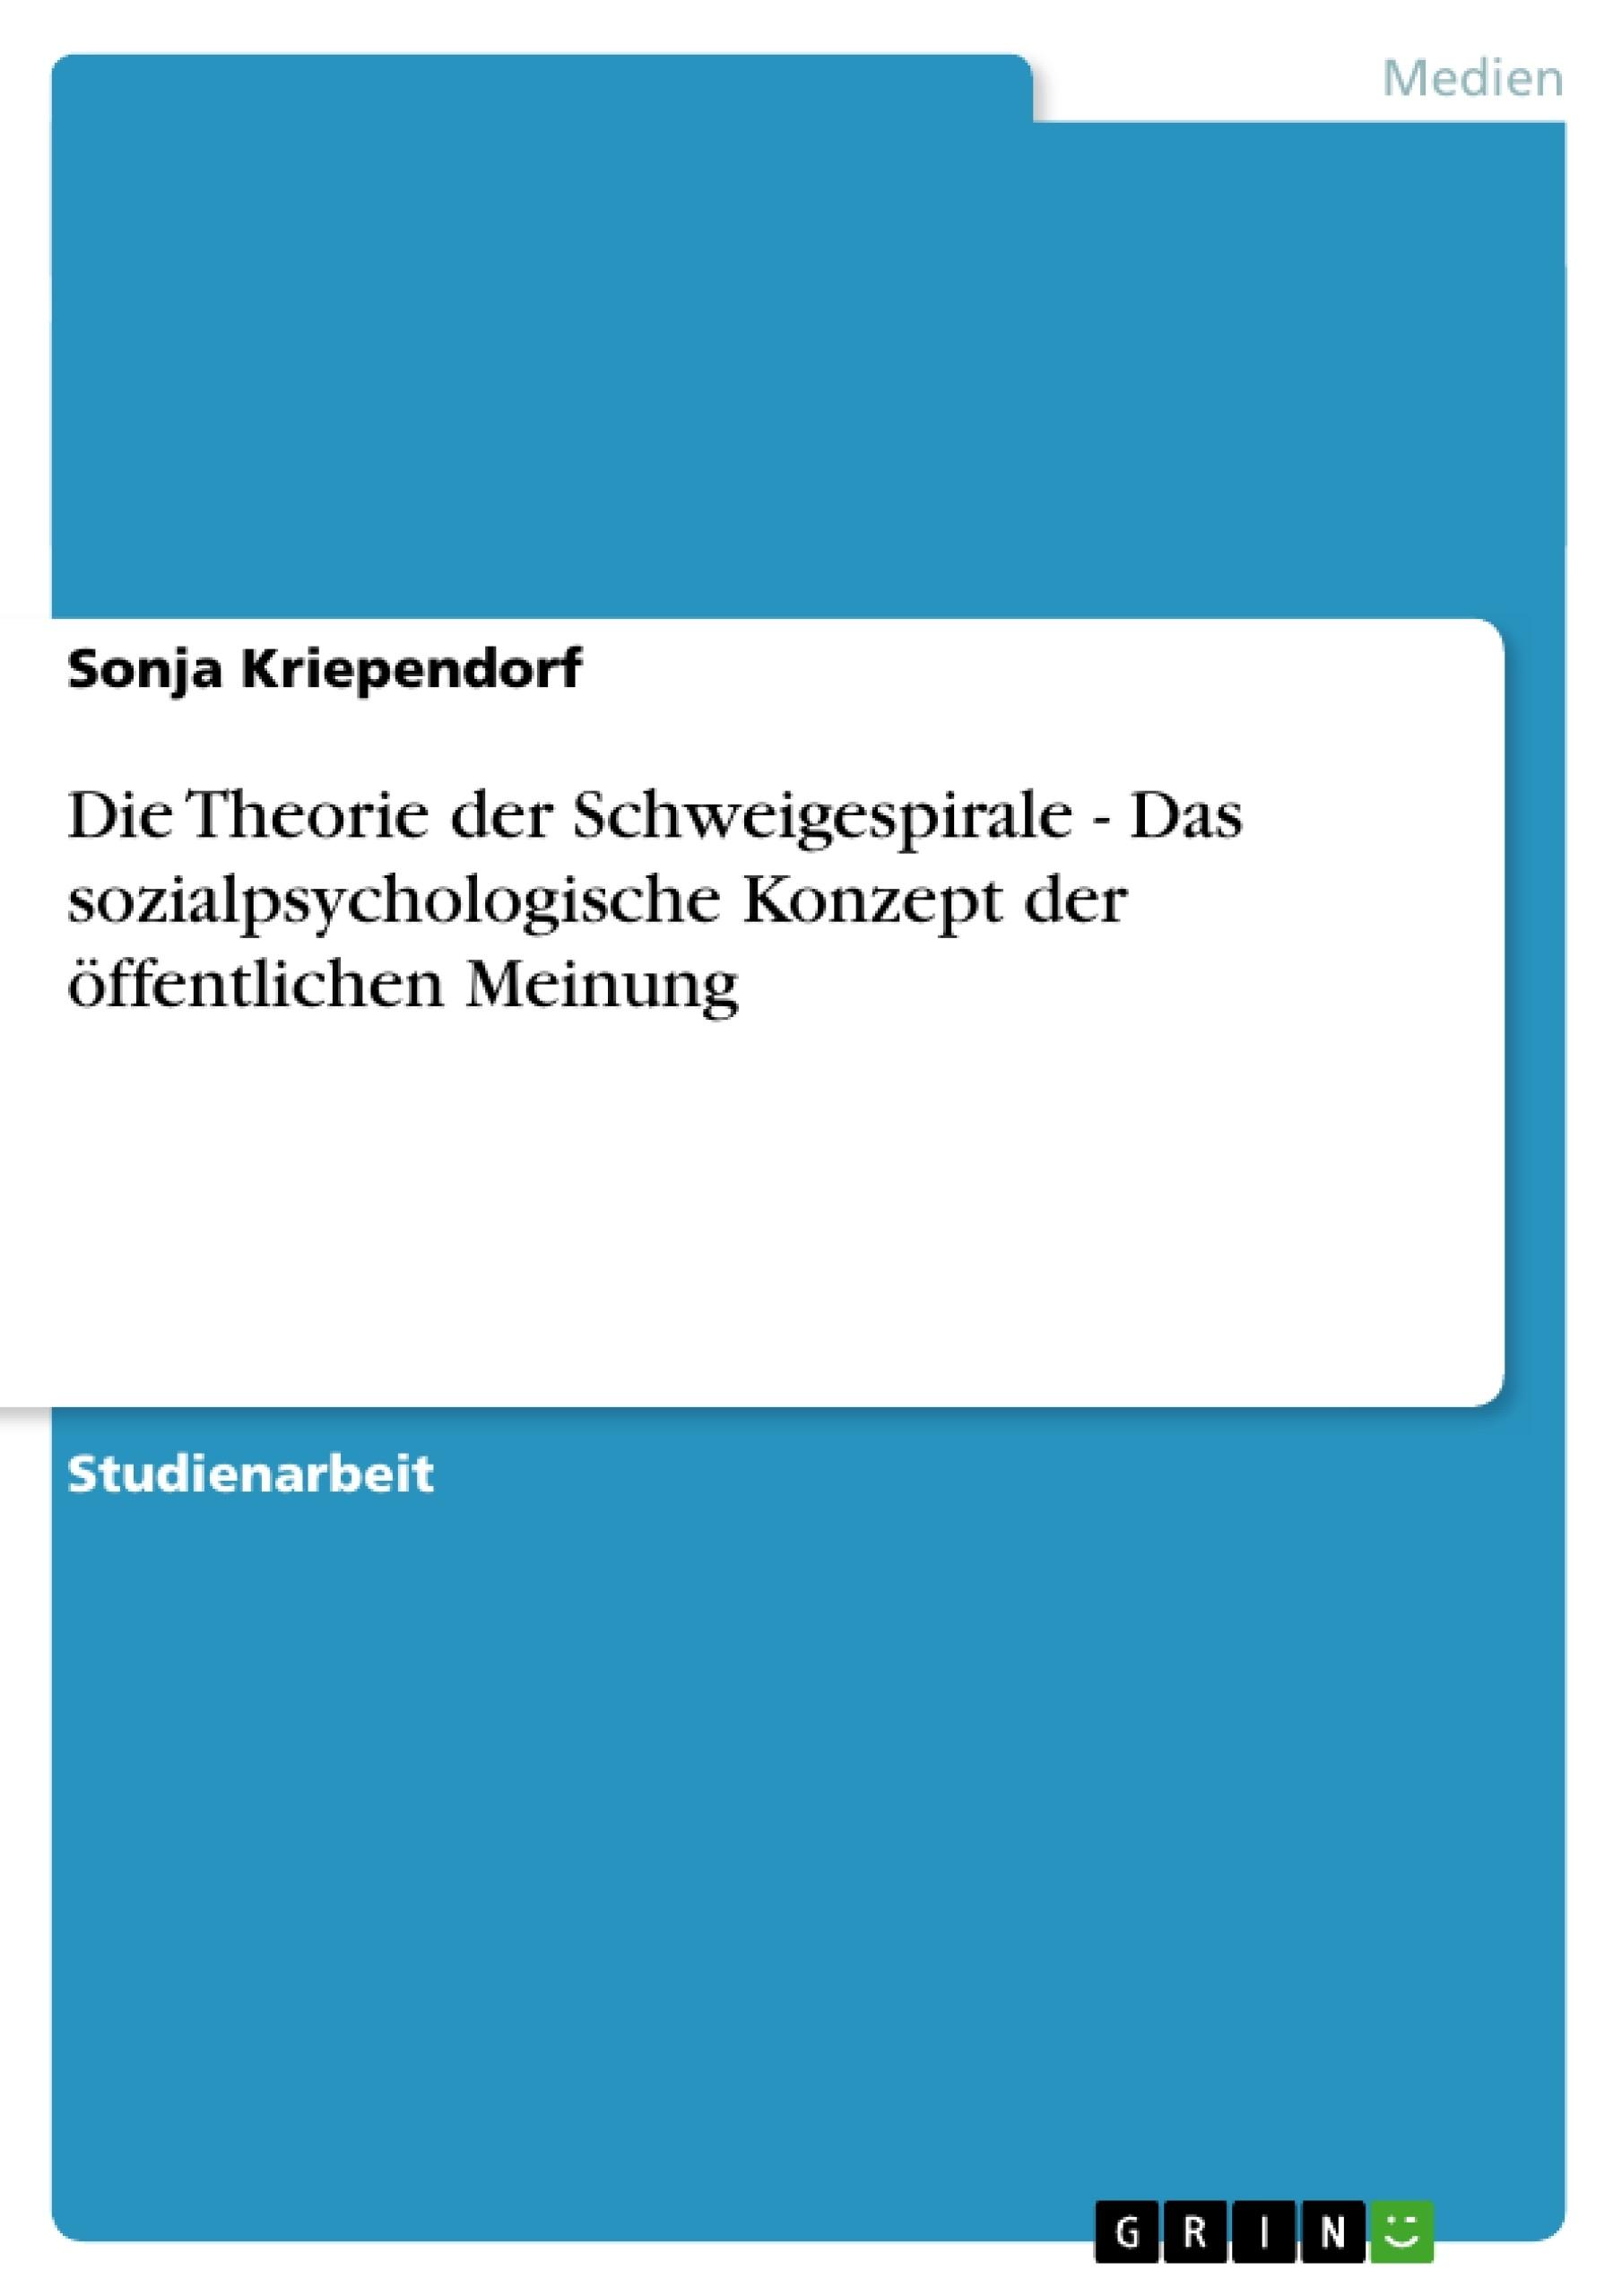 Titel: Die Theorie der Schweigespirale - Das sozialpsychologische Konzept der öffentlichen Meinung